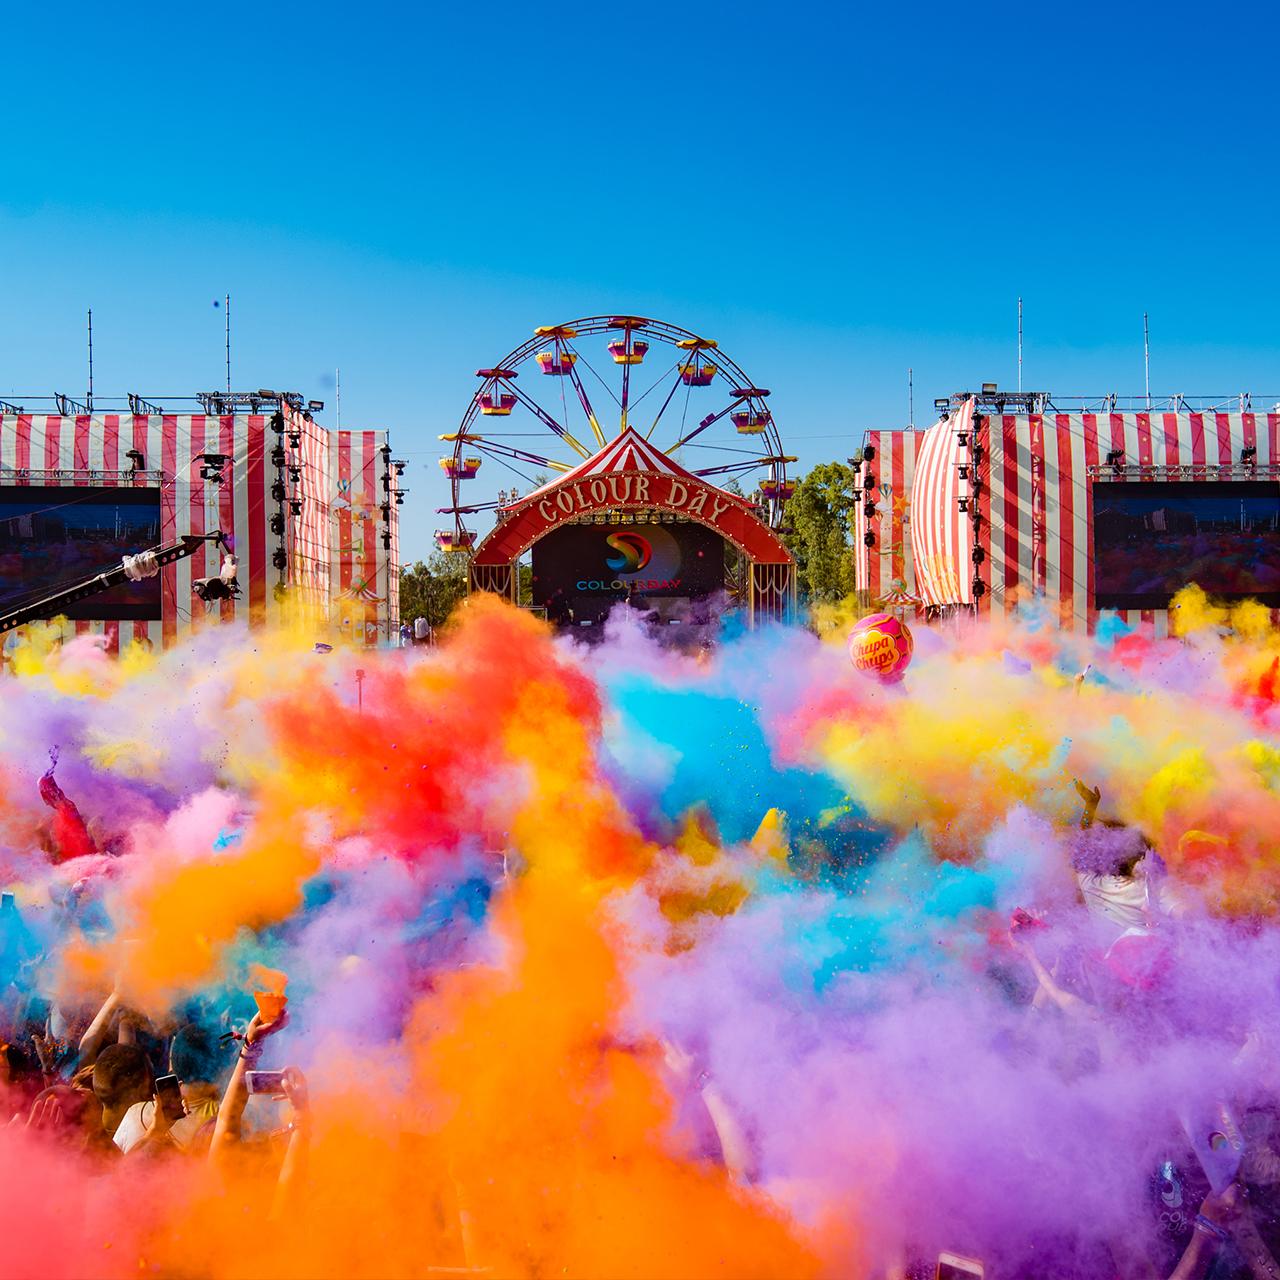 Γέμισε χρώμα η Αθήνα στο Colour Day Festival 2019. Απλά Μαγικά !